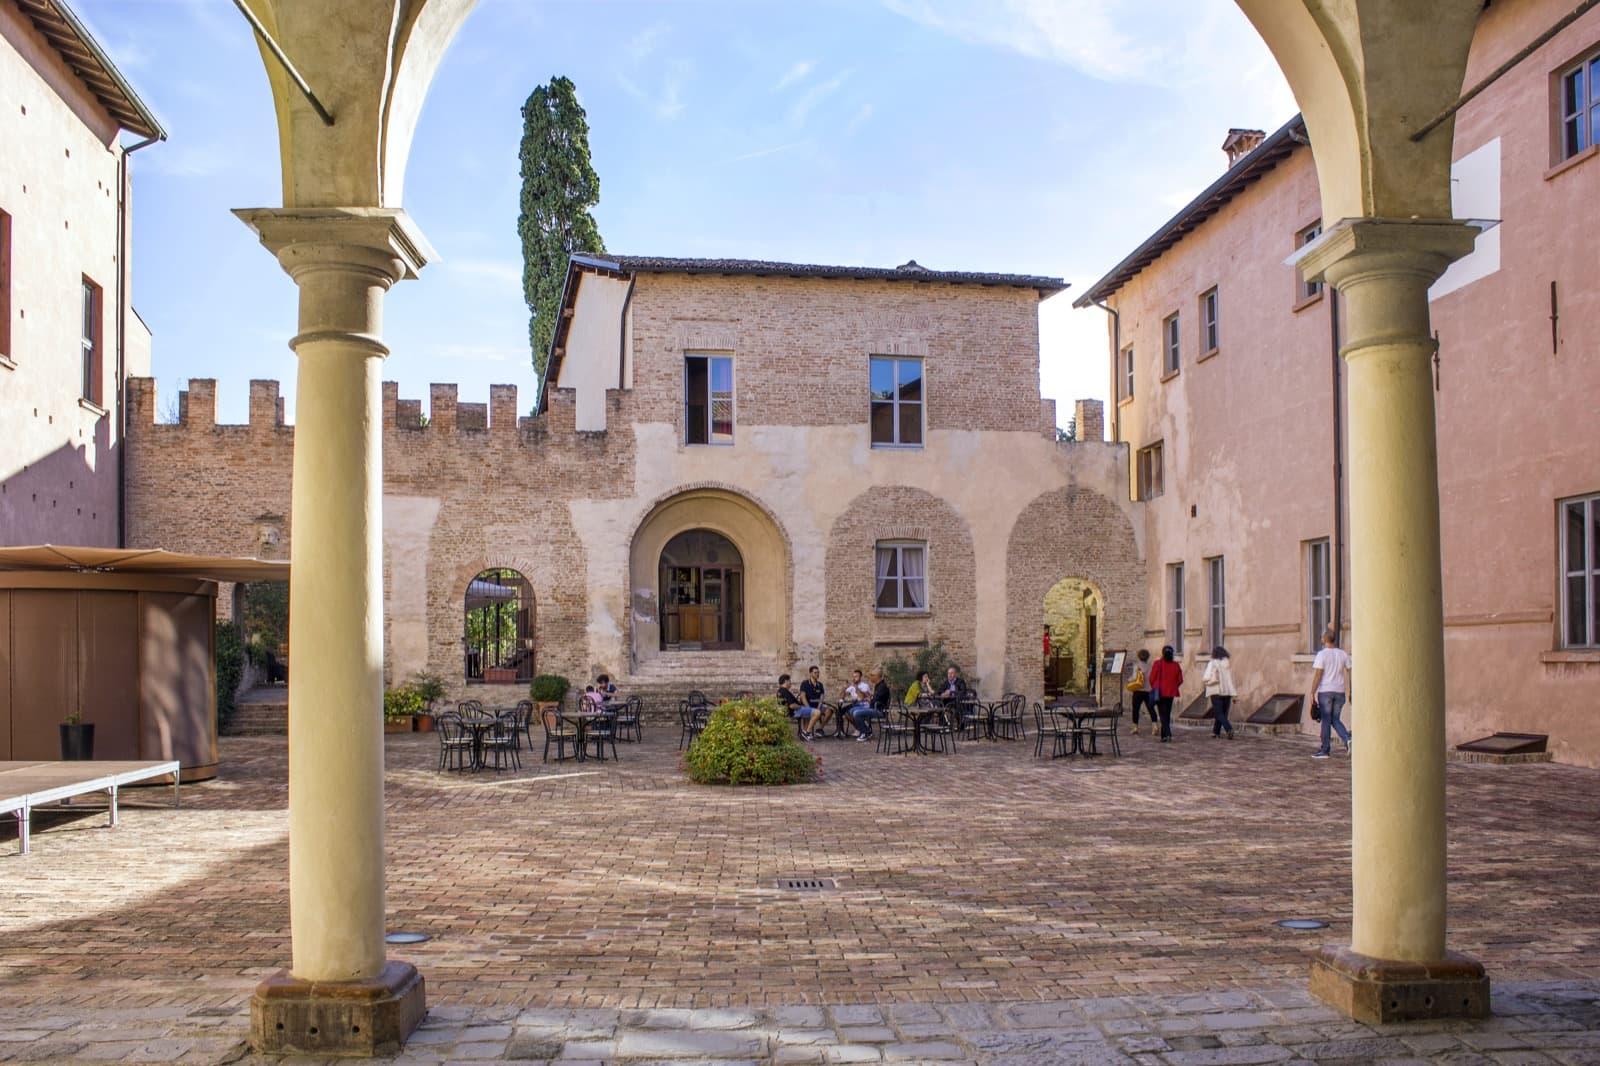 Fiorano Modenese (MO), Castello di Spezzano-Fiorano Modenese (MO), Castello di Spezzano | Ph. Ovikovi WLM2017-CC BY-SA 4.0